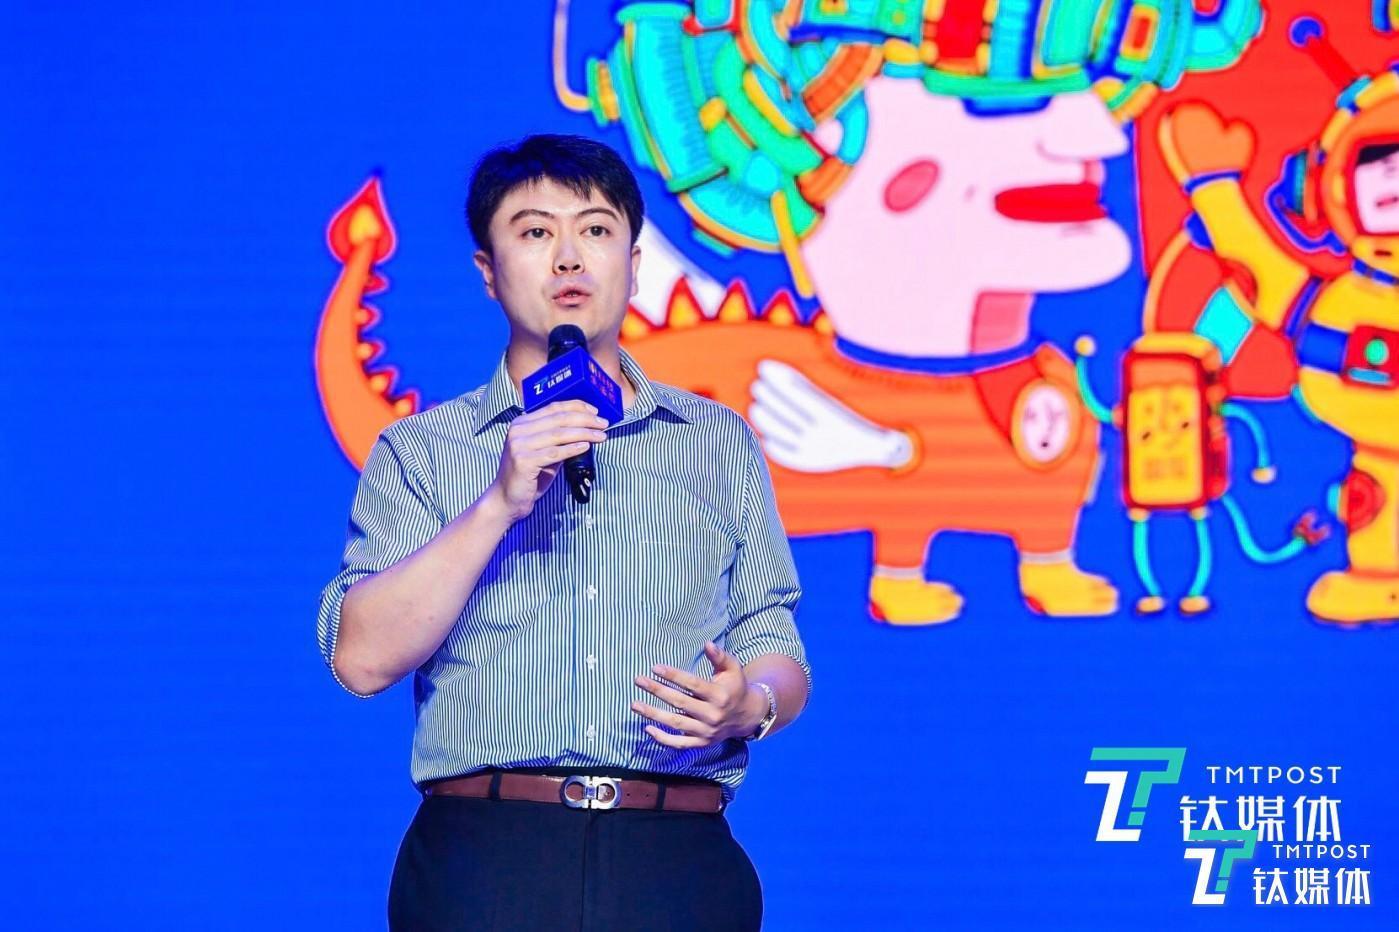 小鹏汽车首席科学家郭彦东在2018科技生活节